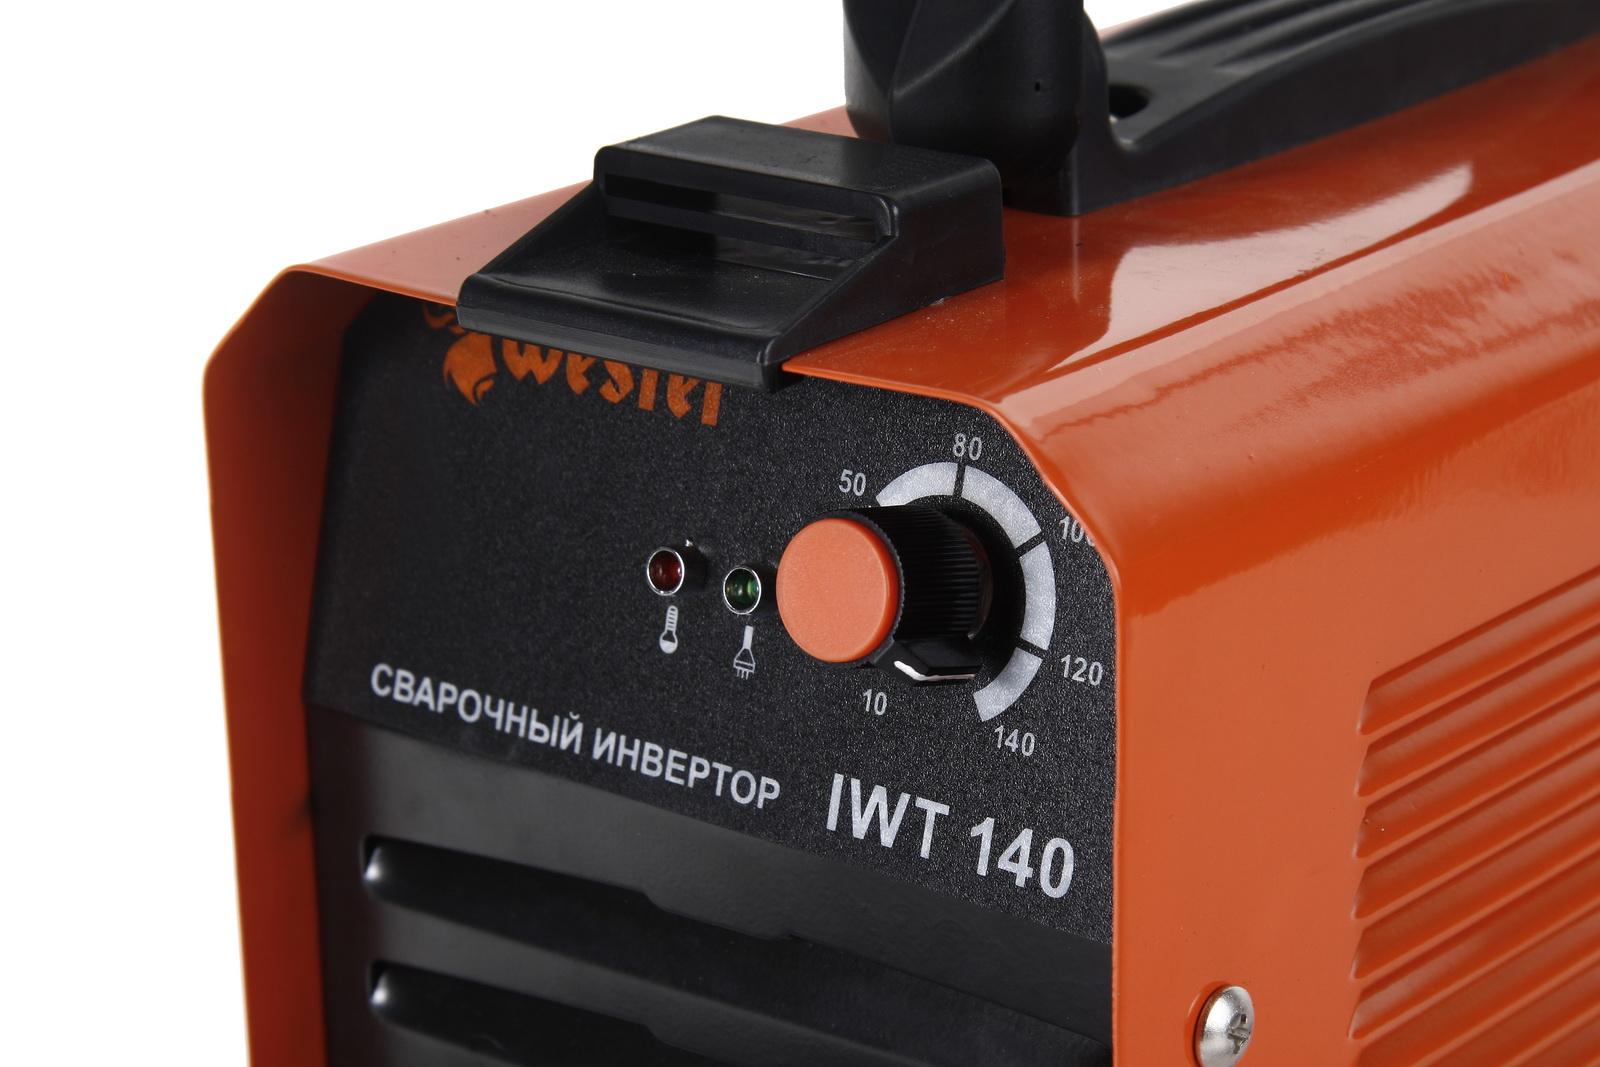 Сварочный инвертор Wester Iwt140  инверторный